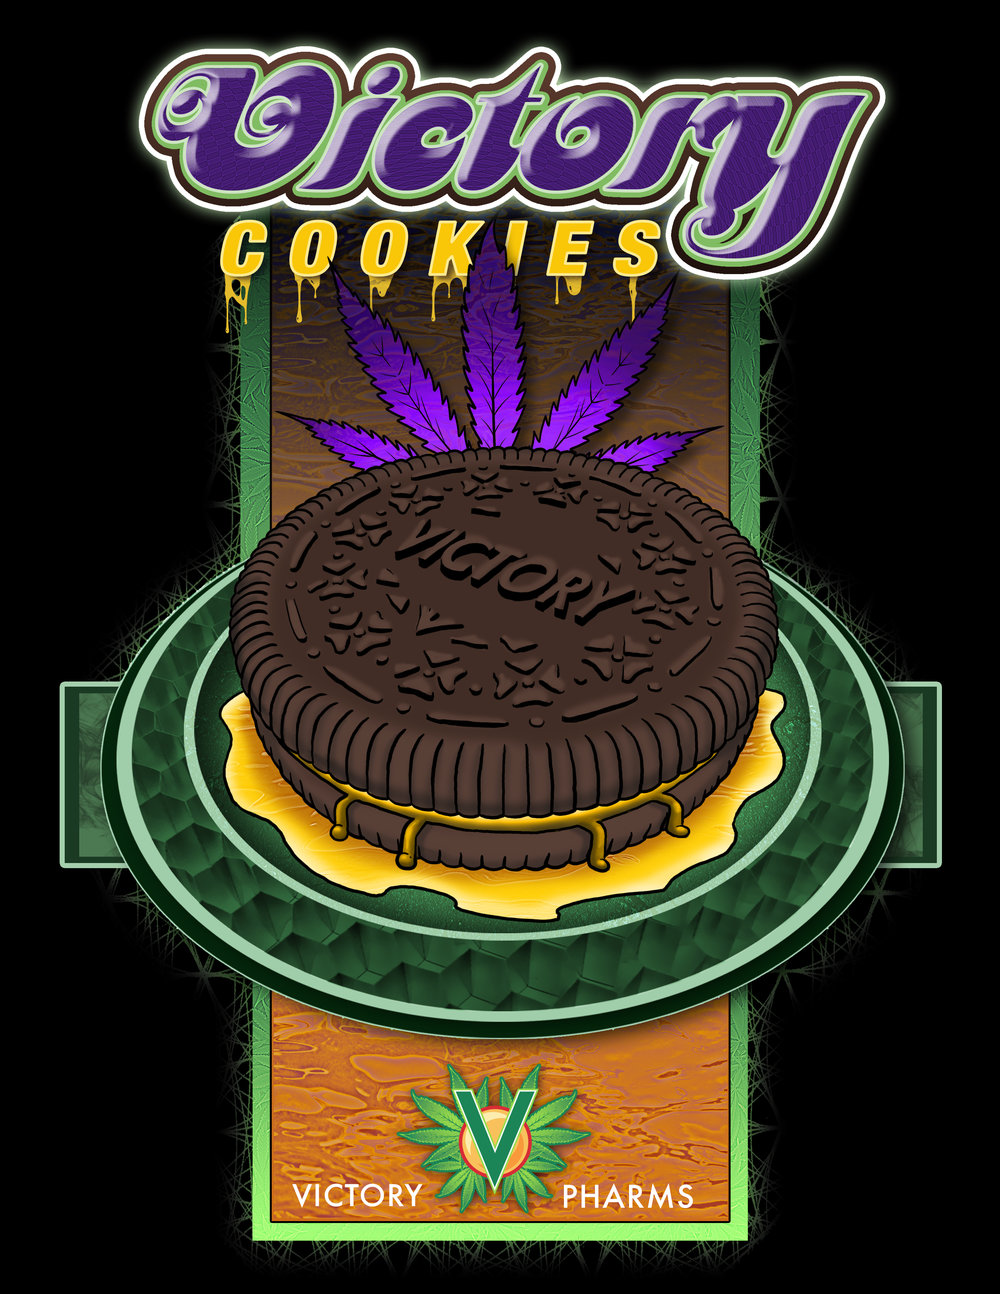 Victory+Cookies2.jpg